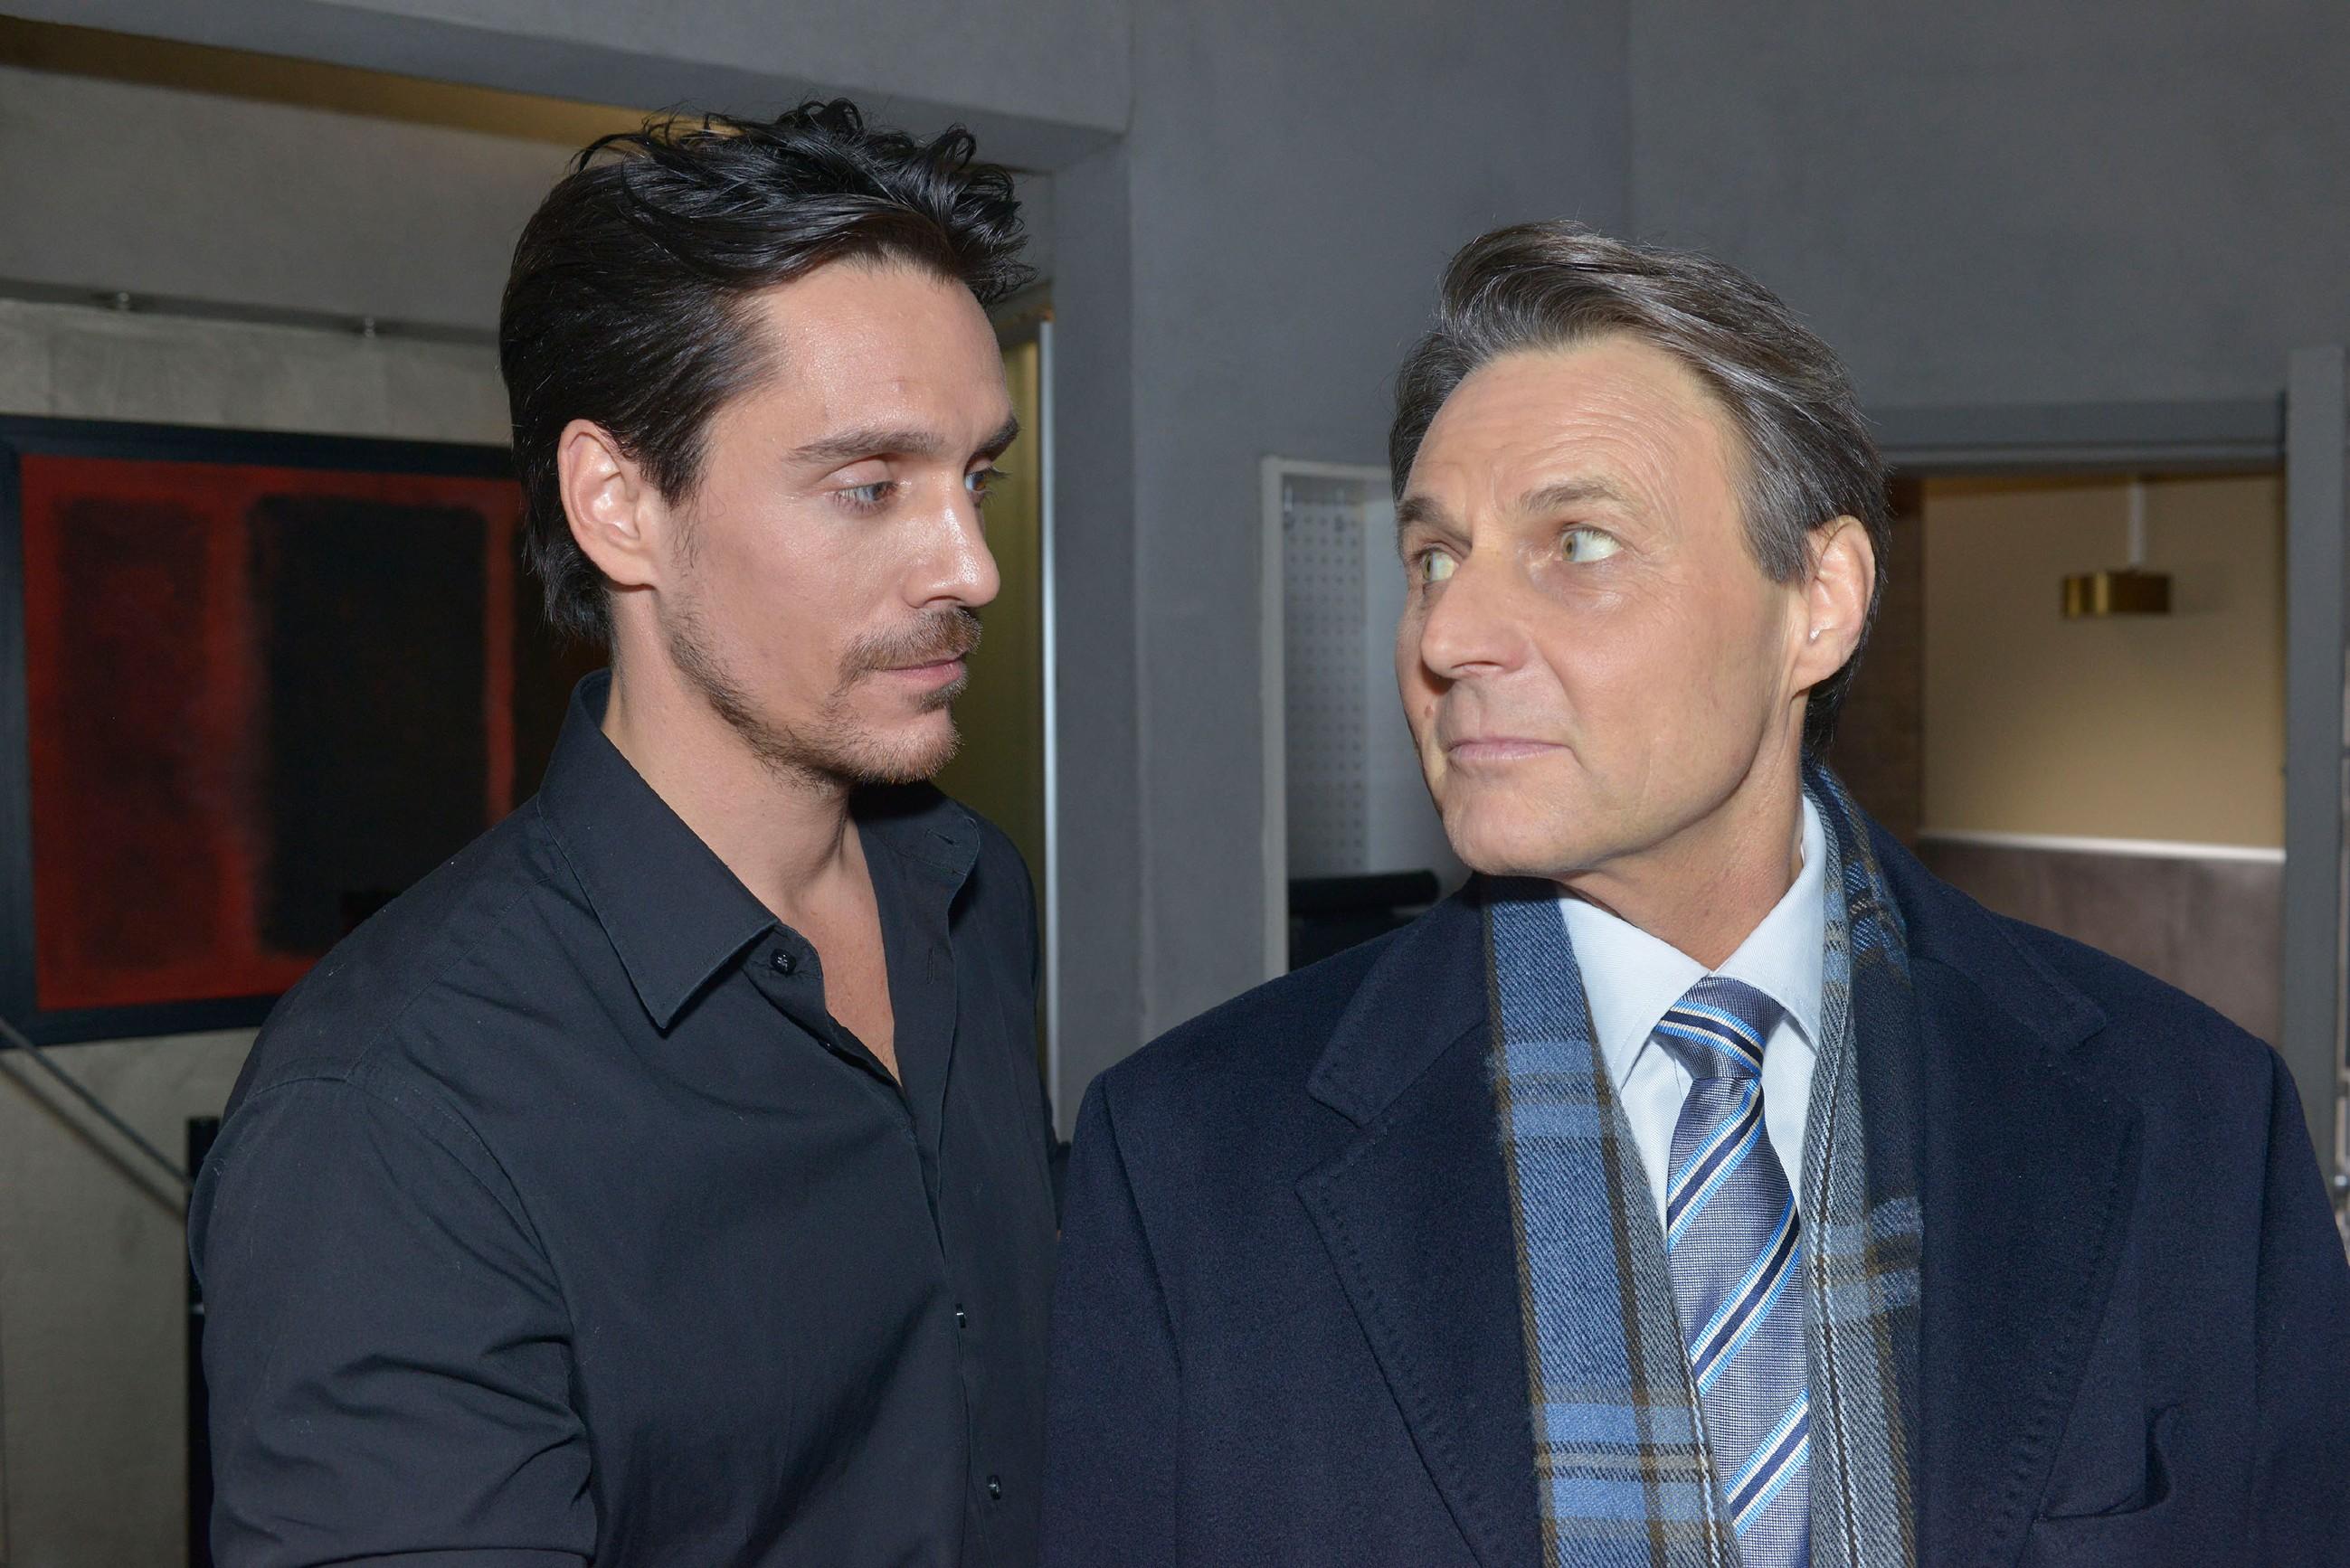 Gerner (Wolfgang Bahro, r.) wird klar, dass er David (Philipp Christopher) unter Kontrolle bringen muss und bietet ihm einen Deal an, mit der Warnung, sich nie wieder mit ihm anzulegen... (Quelle: RTL / Rolf Baumgartner)